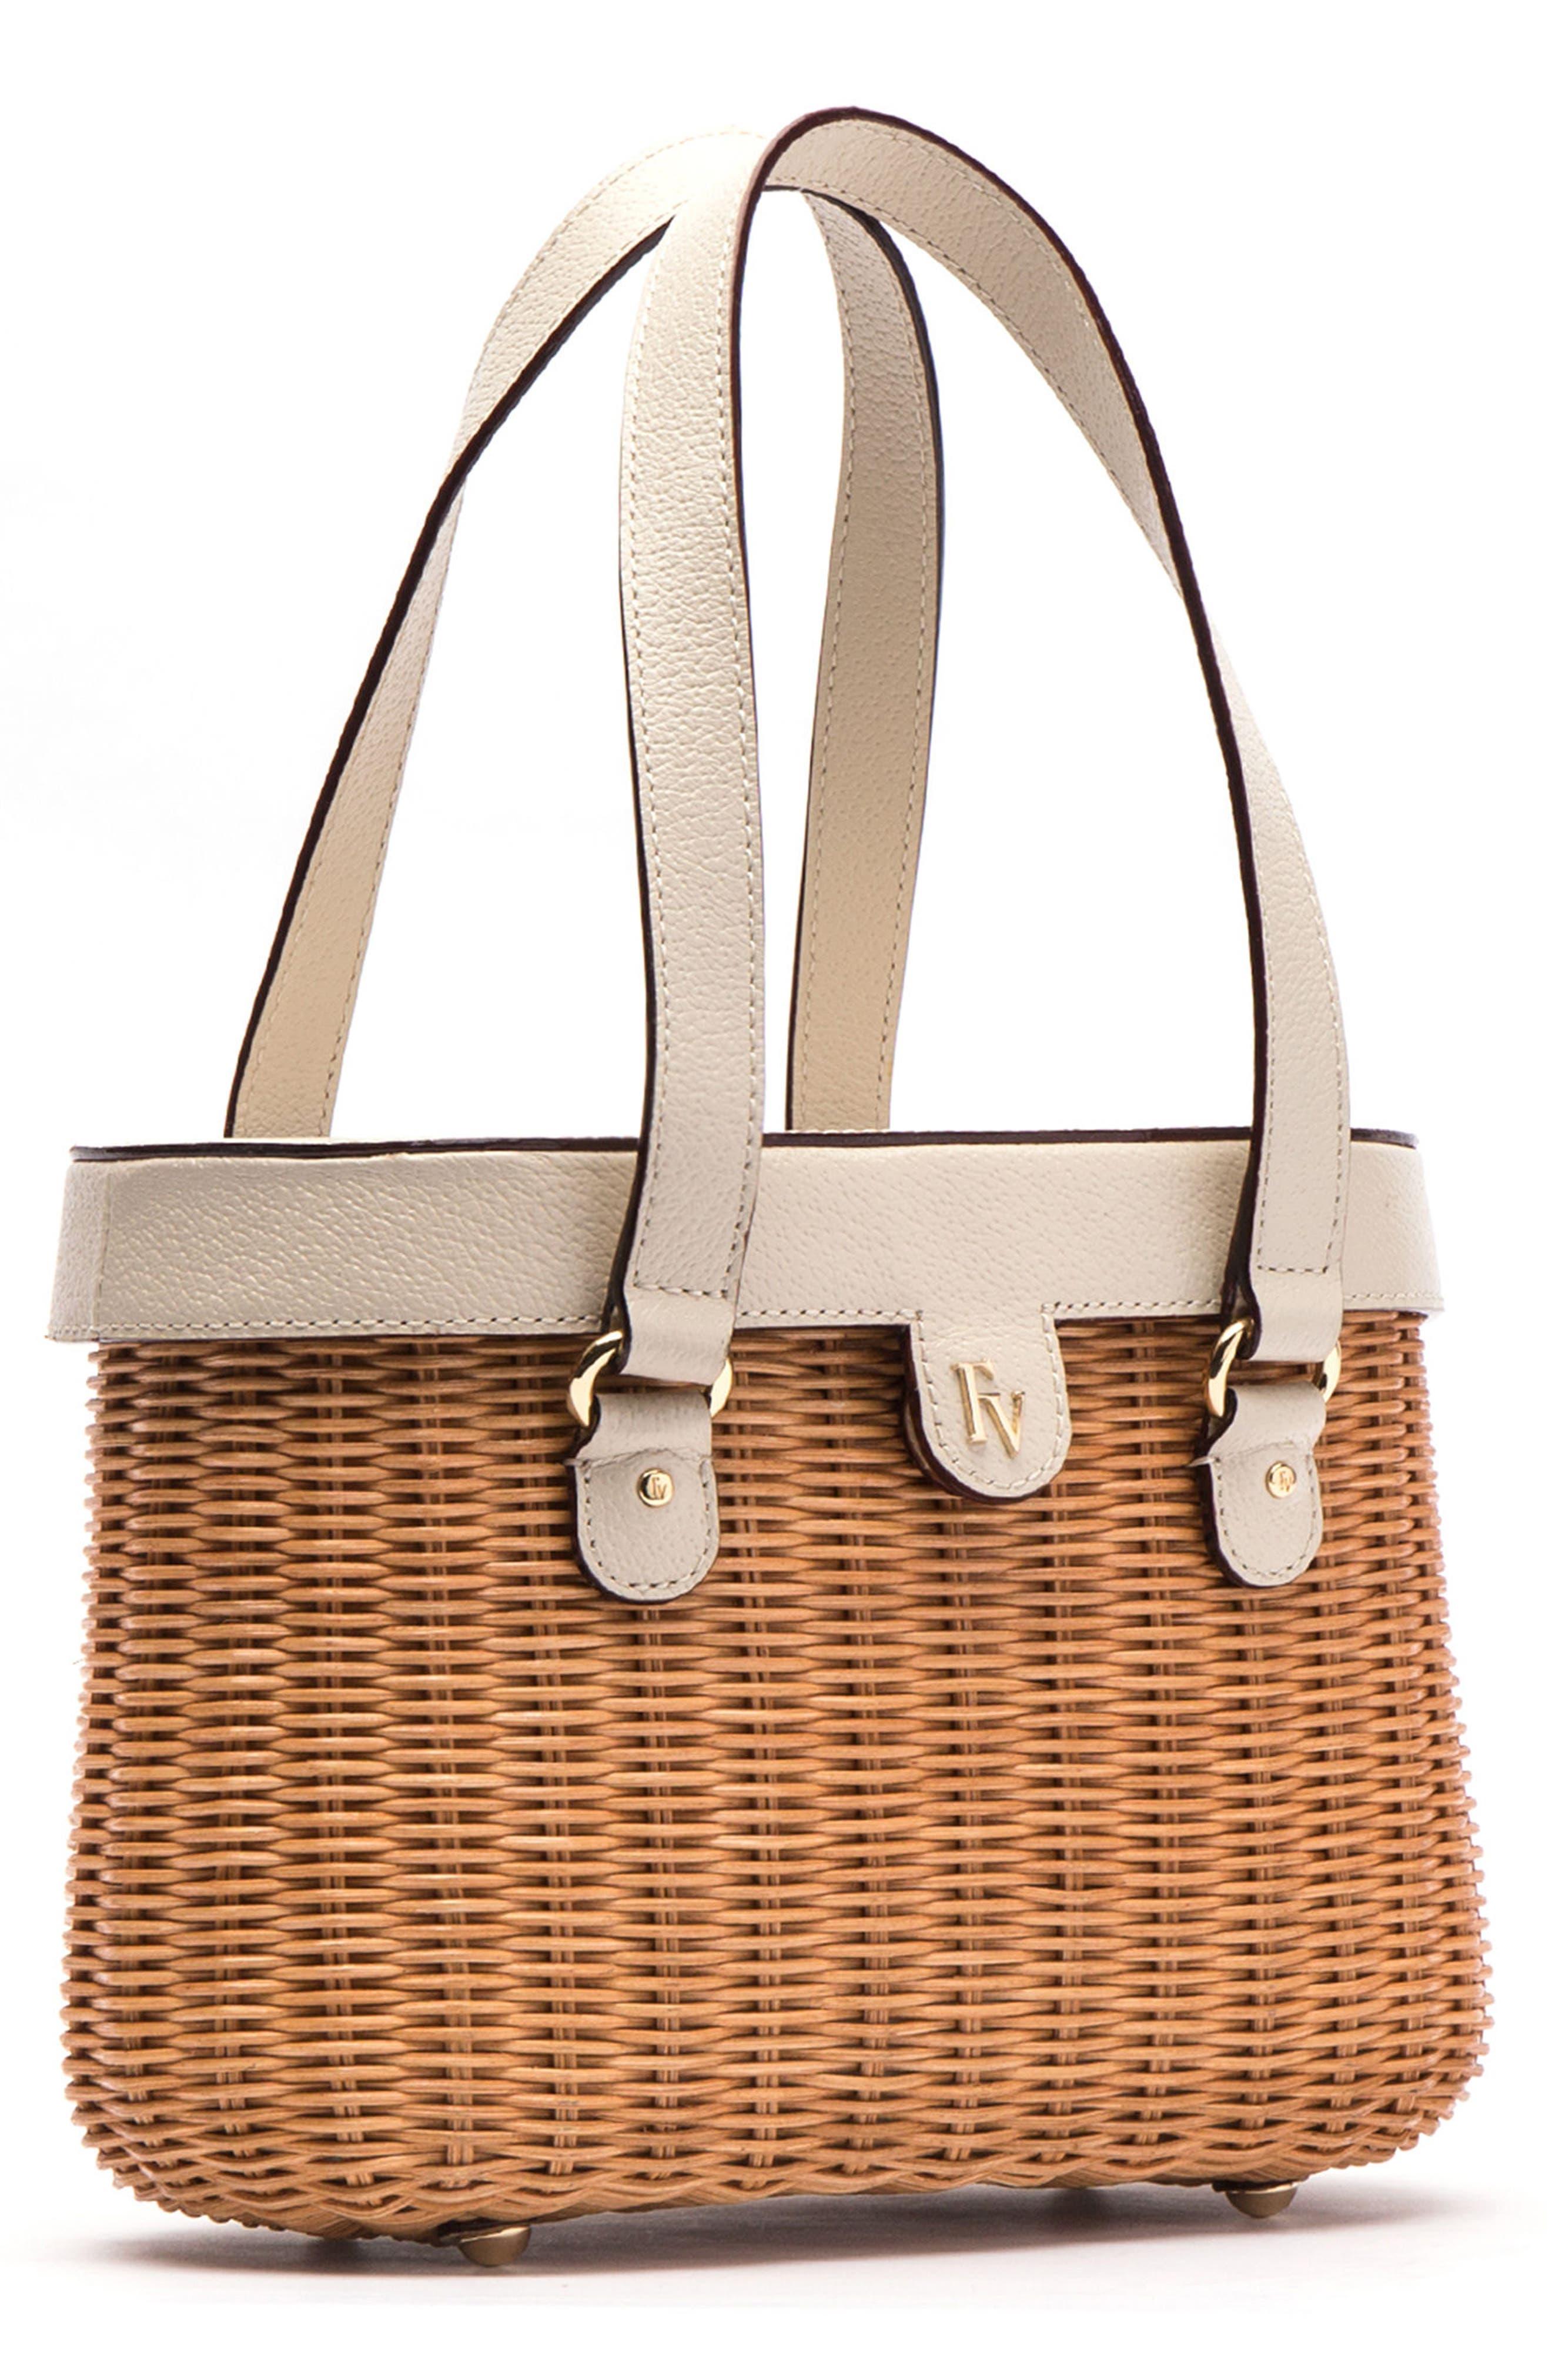 Wicker Basket Shoulder Bag,                             Alternate thumbnail 3, color,                             Natural/ Oyster